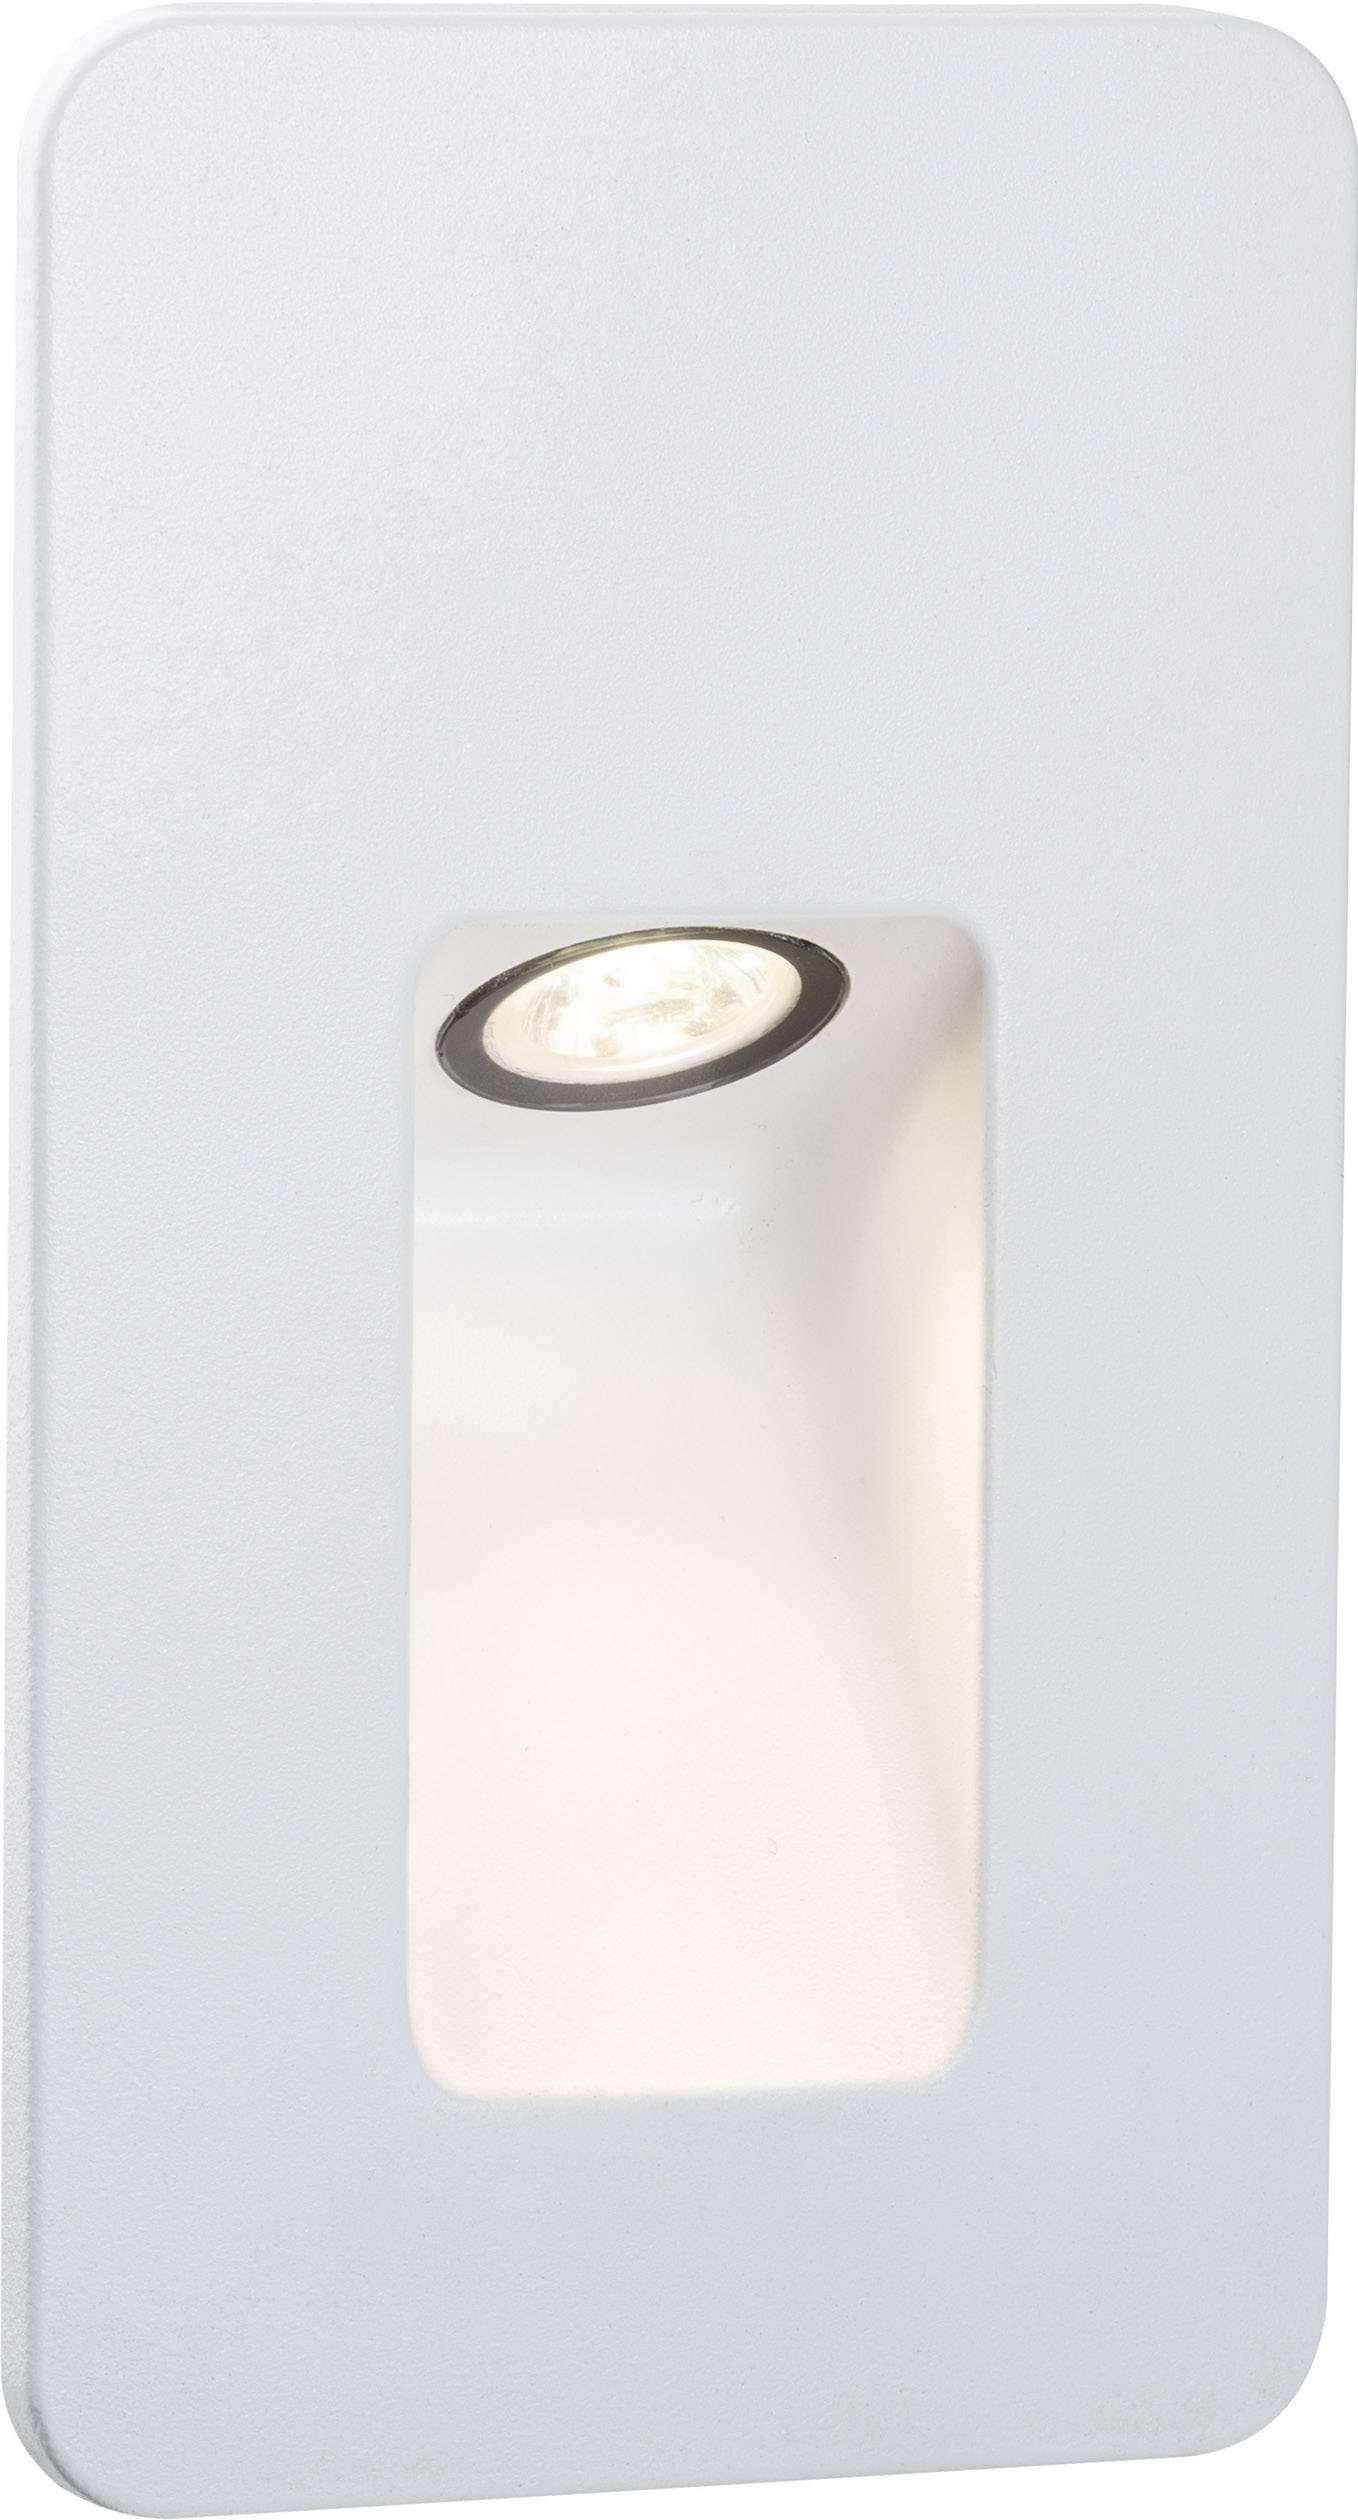 Vonkajšie vstavané LED osvetlenie 2.4 W Paulmann Slot 93808 biela (matná)